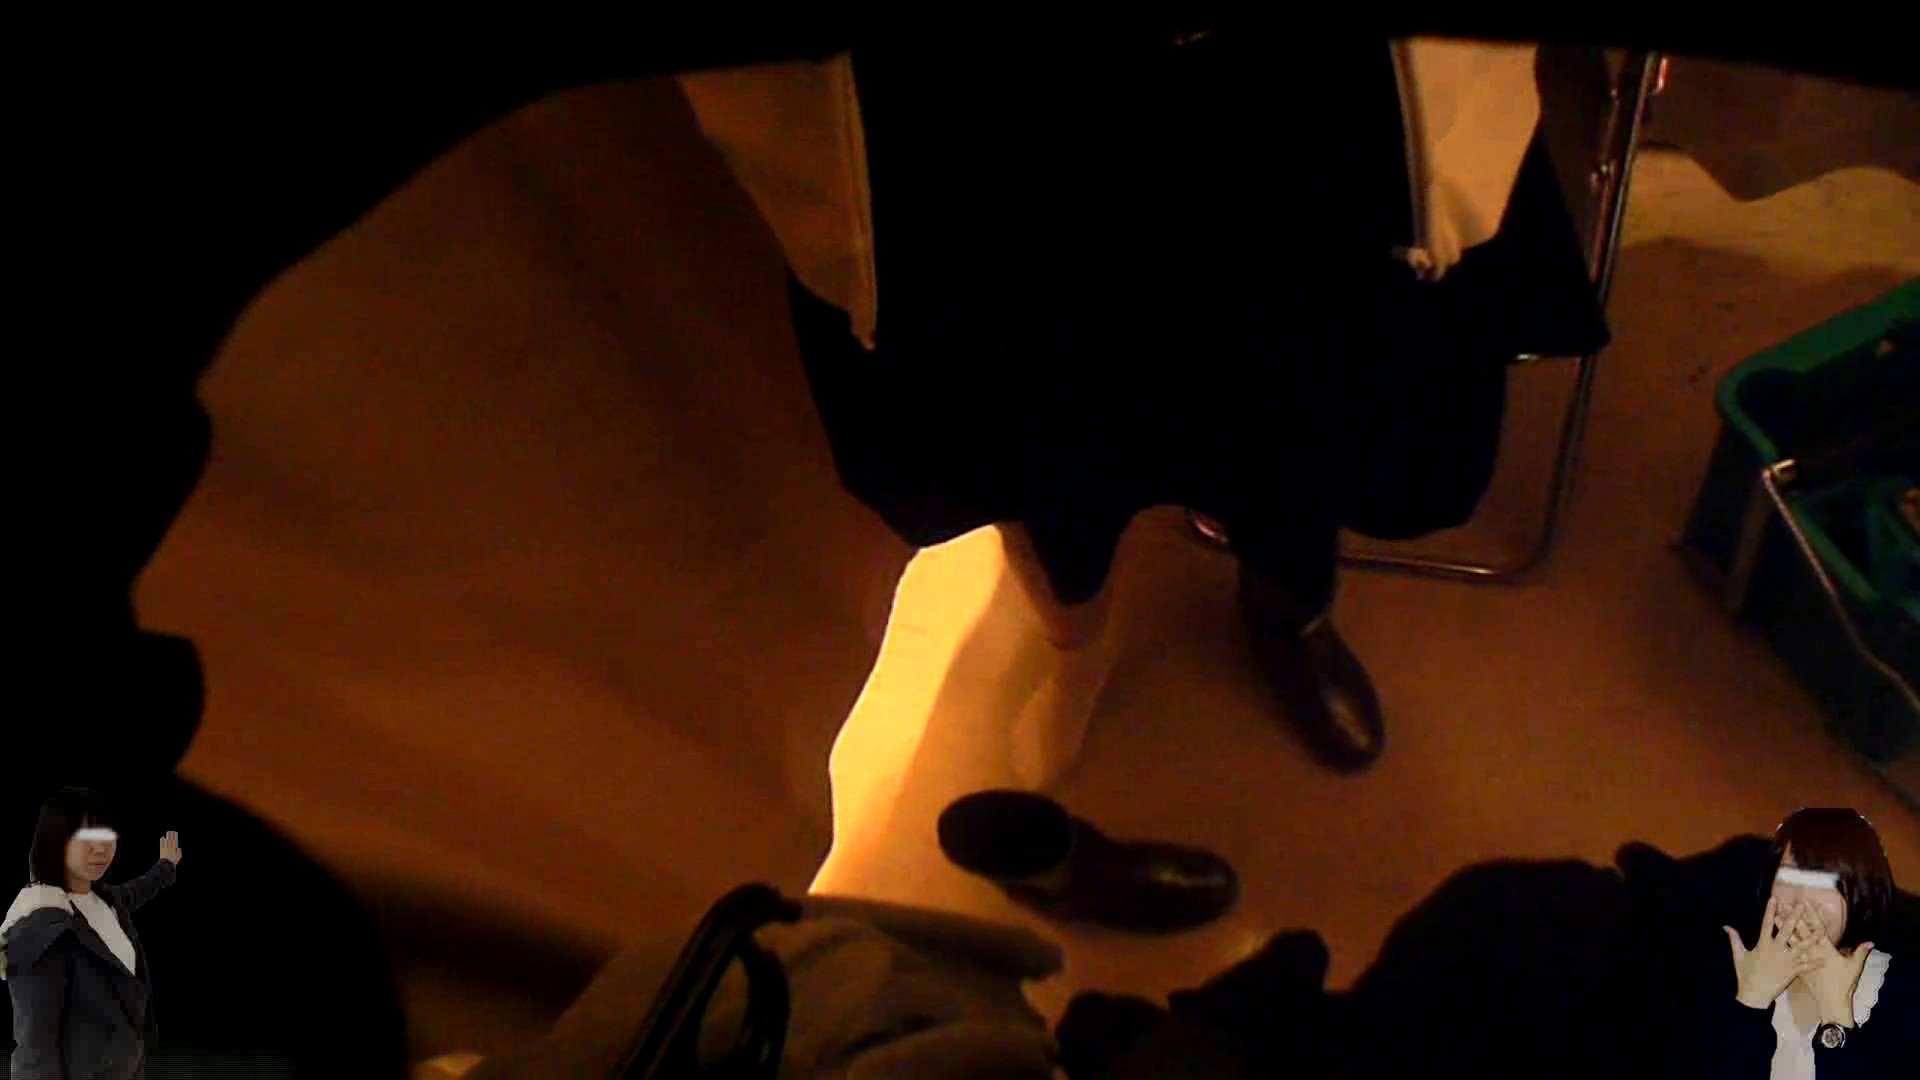 素人投稿 現役「JD」Eちゃんの着替え Vol.05 着替え 盗撮セックス無修正動画無料 111画像 39